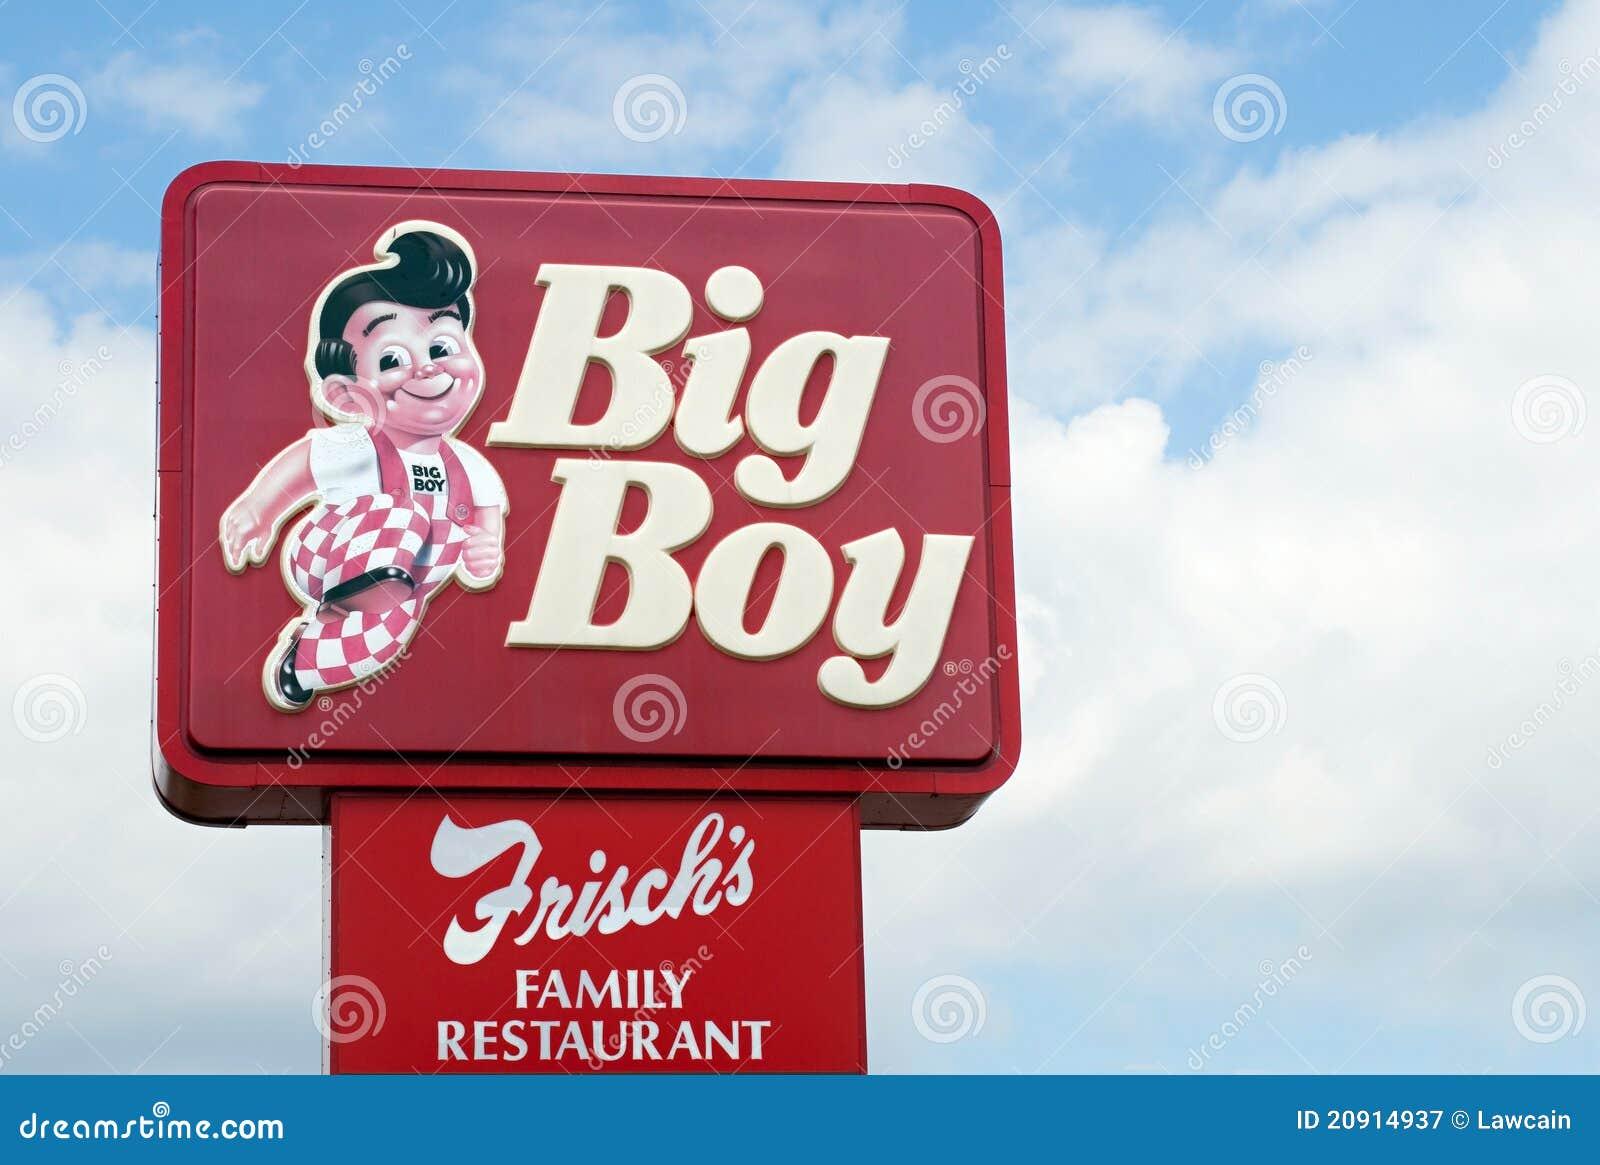 Big Boy Restaurant Orlando Fl